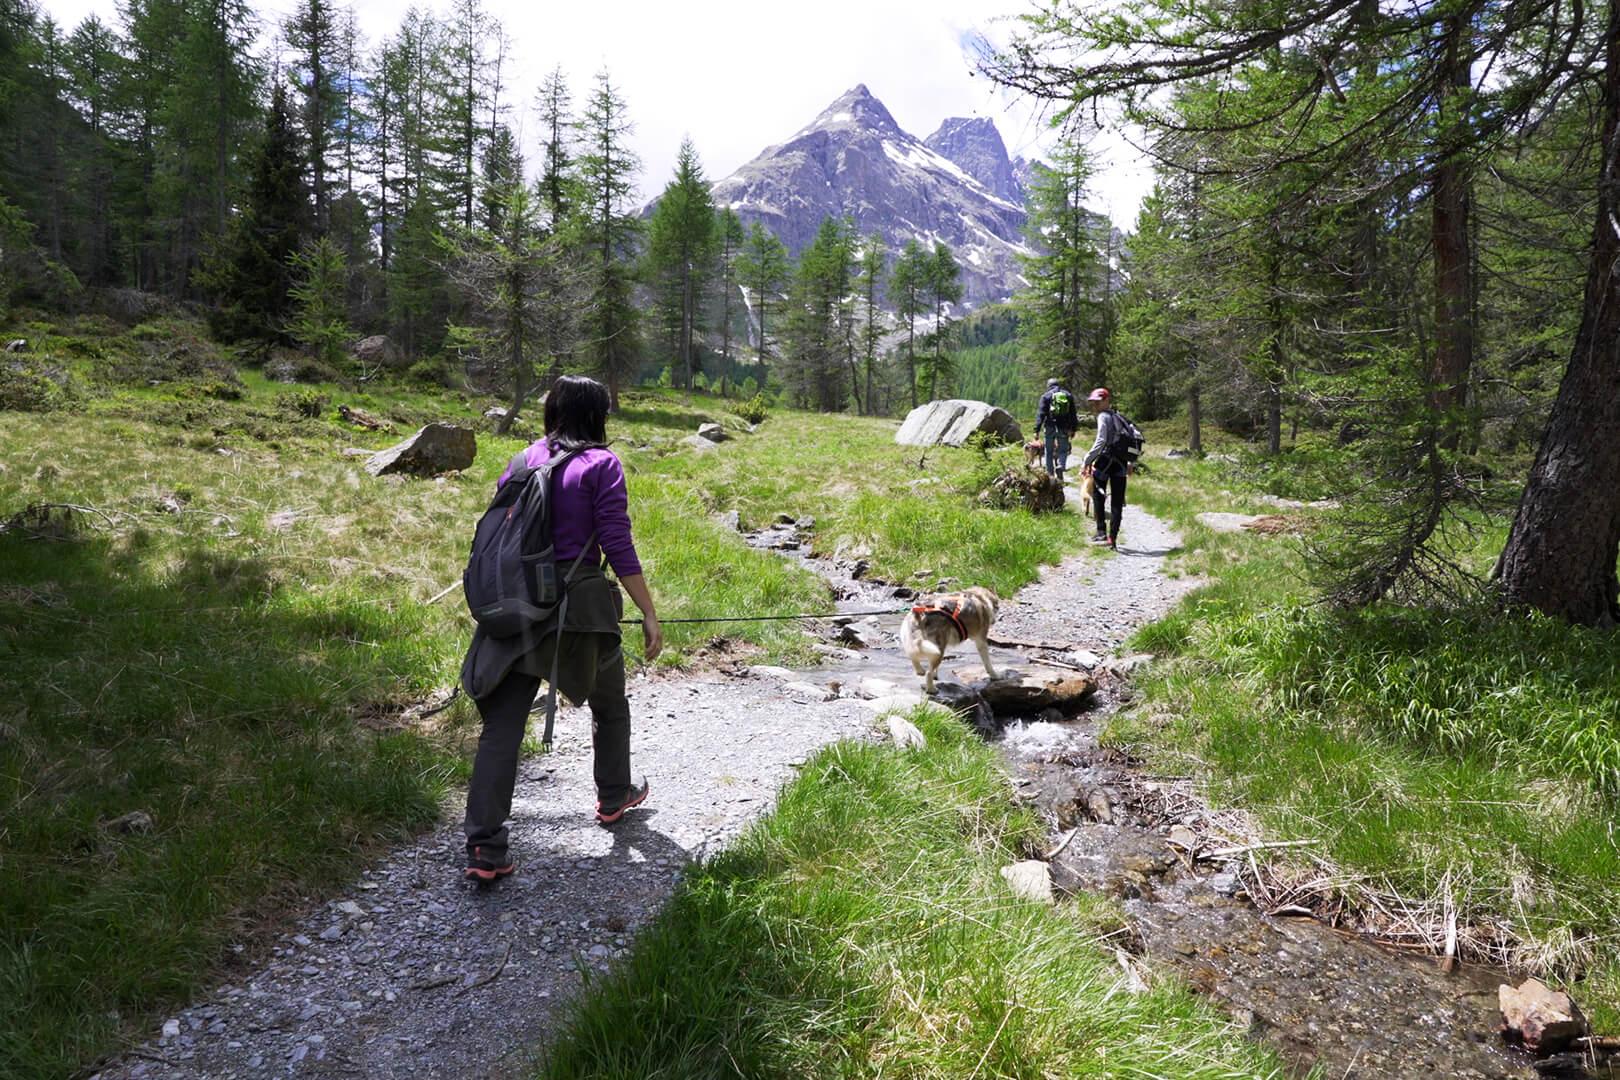 escursione fra i boschi con i cani husky